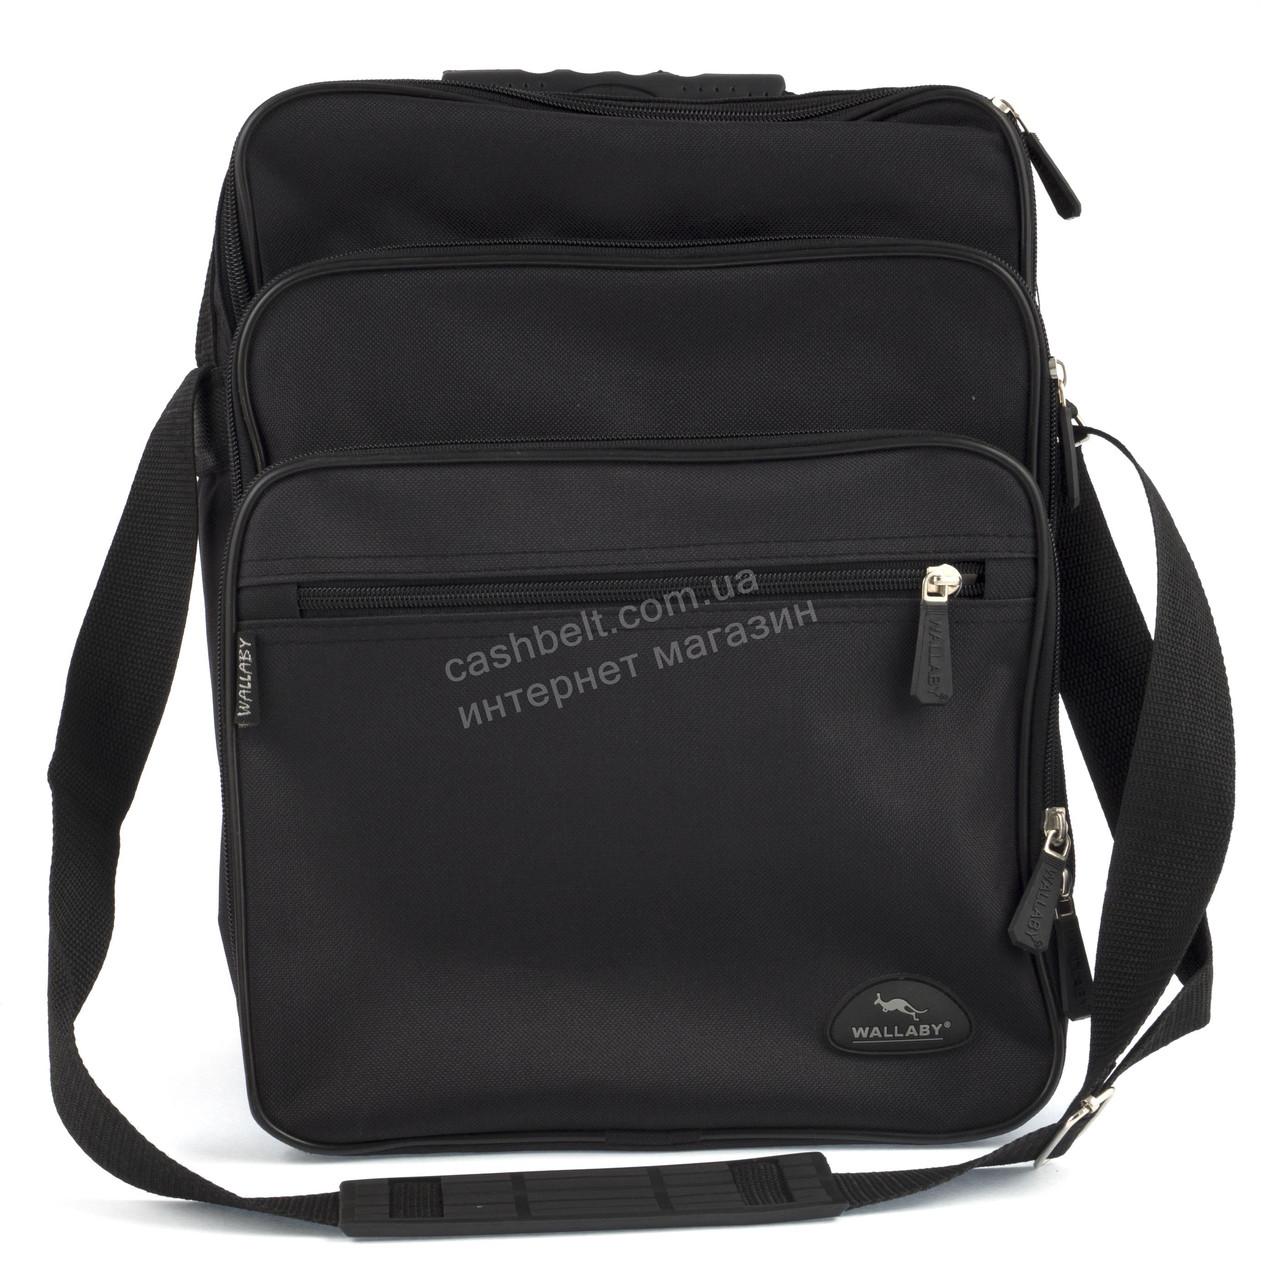 Вместительная мужская текстильная сумка черного цвета  WALLABY art. 2281 Украина